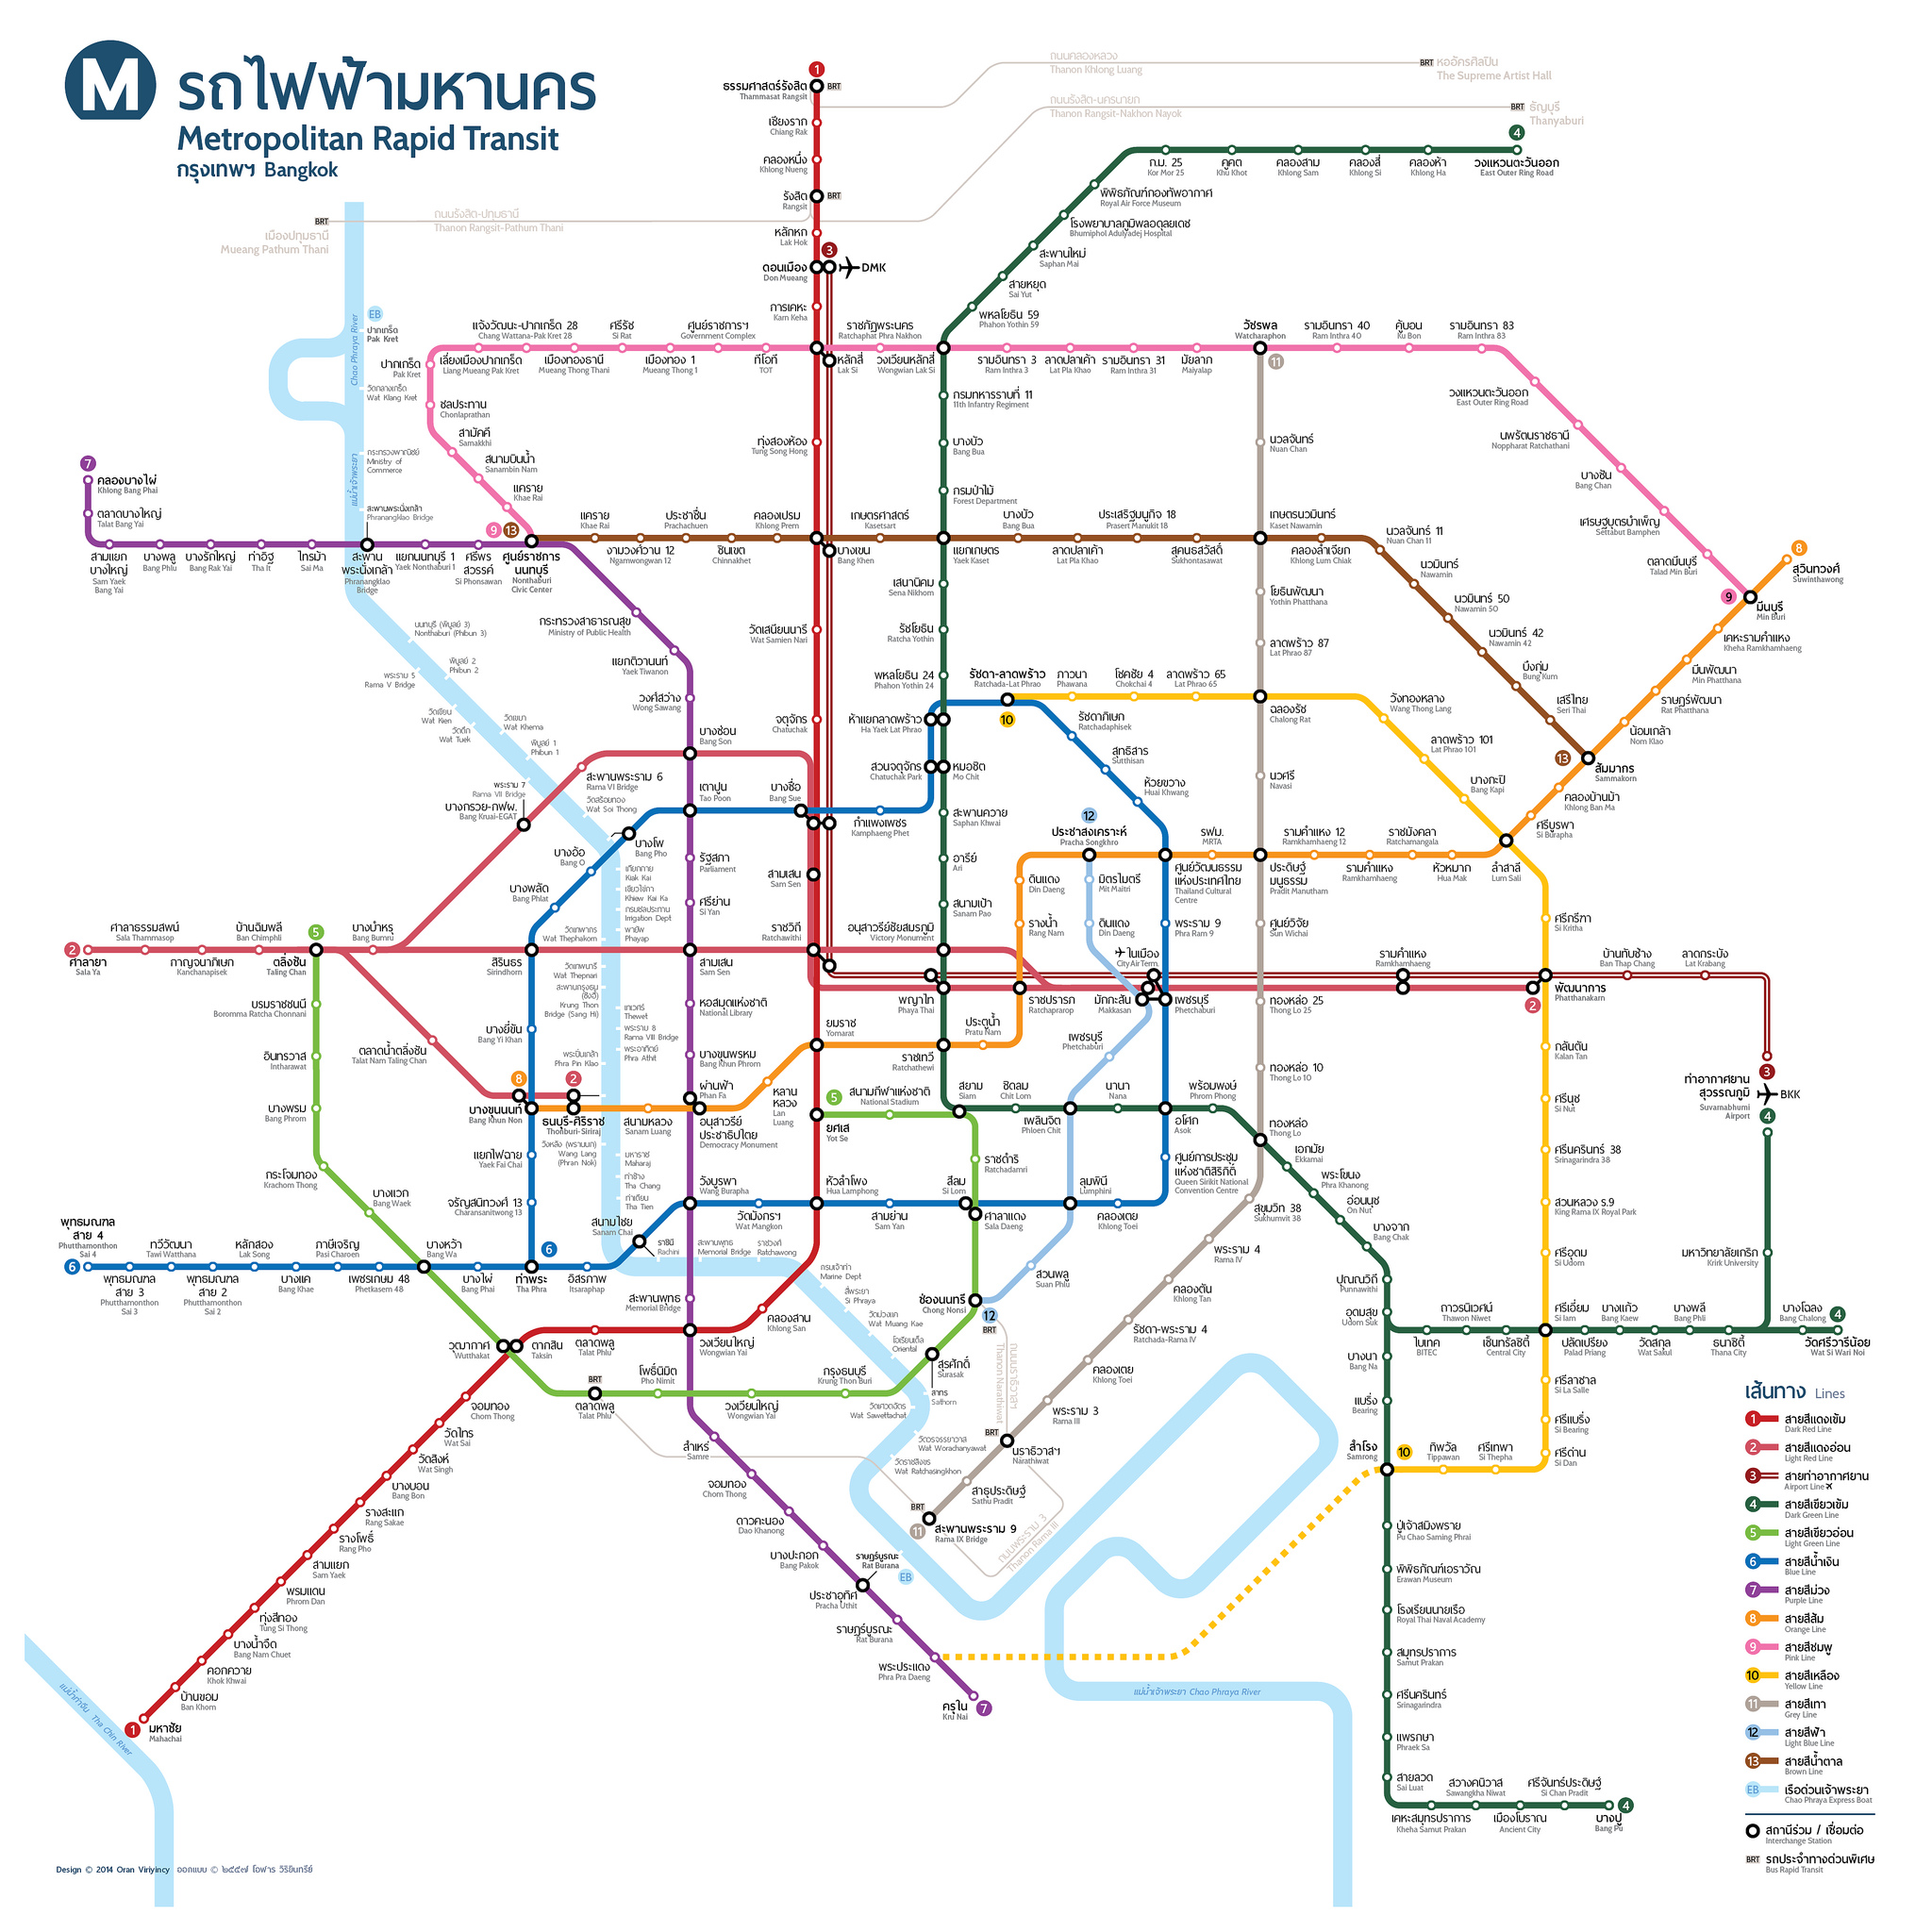 你也是捷運族嗎?帶你認識泰國捷運 新路線! -台泰人才平台